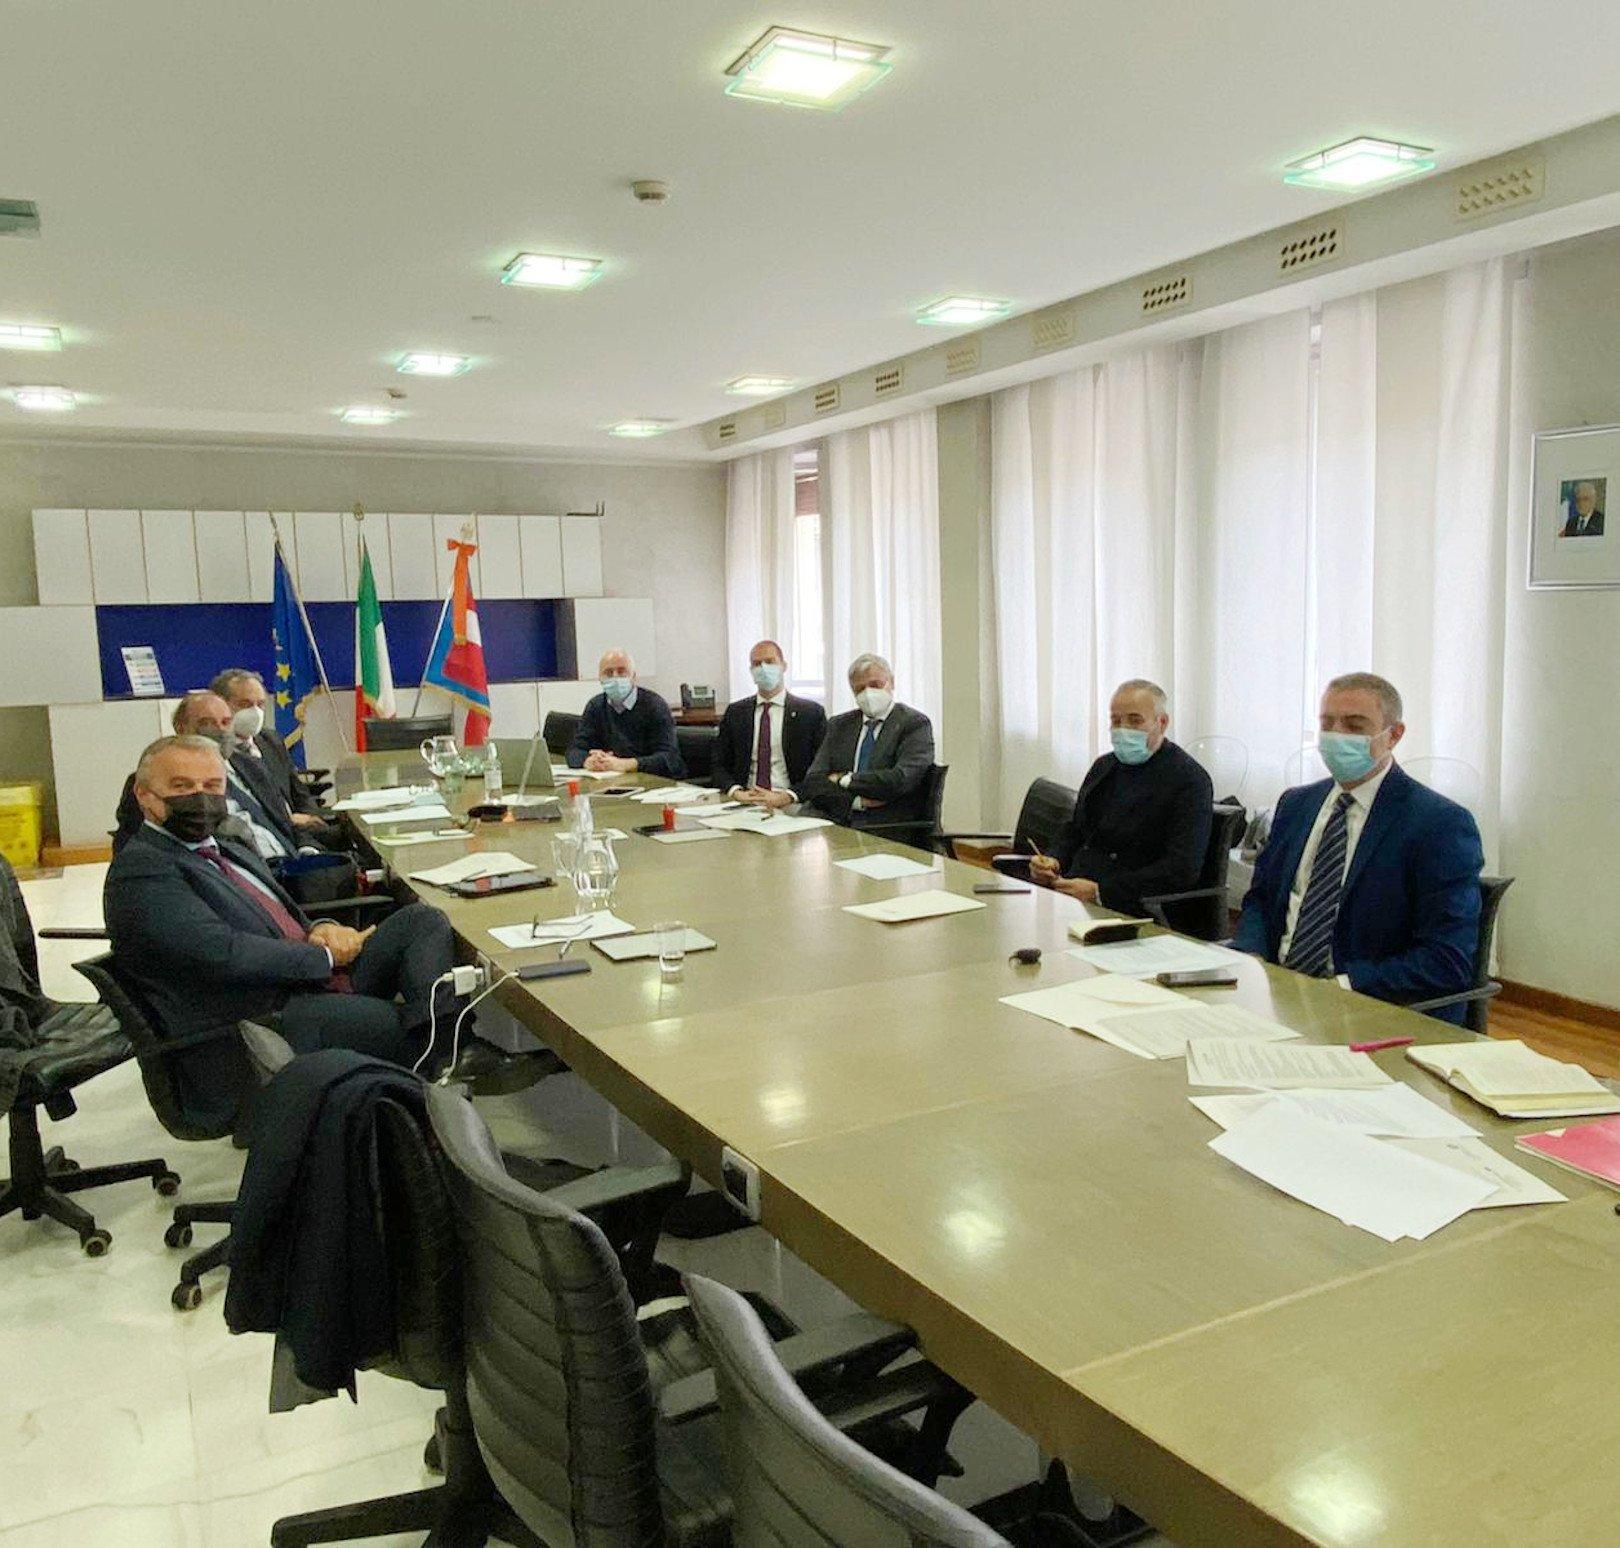 A Torino incontro tra assessori di Valle d'Aosta, Piemonte e Liguria per condividere gli obiettivi del programma Alcotra 2021/2027